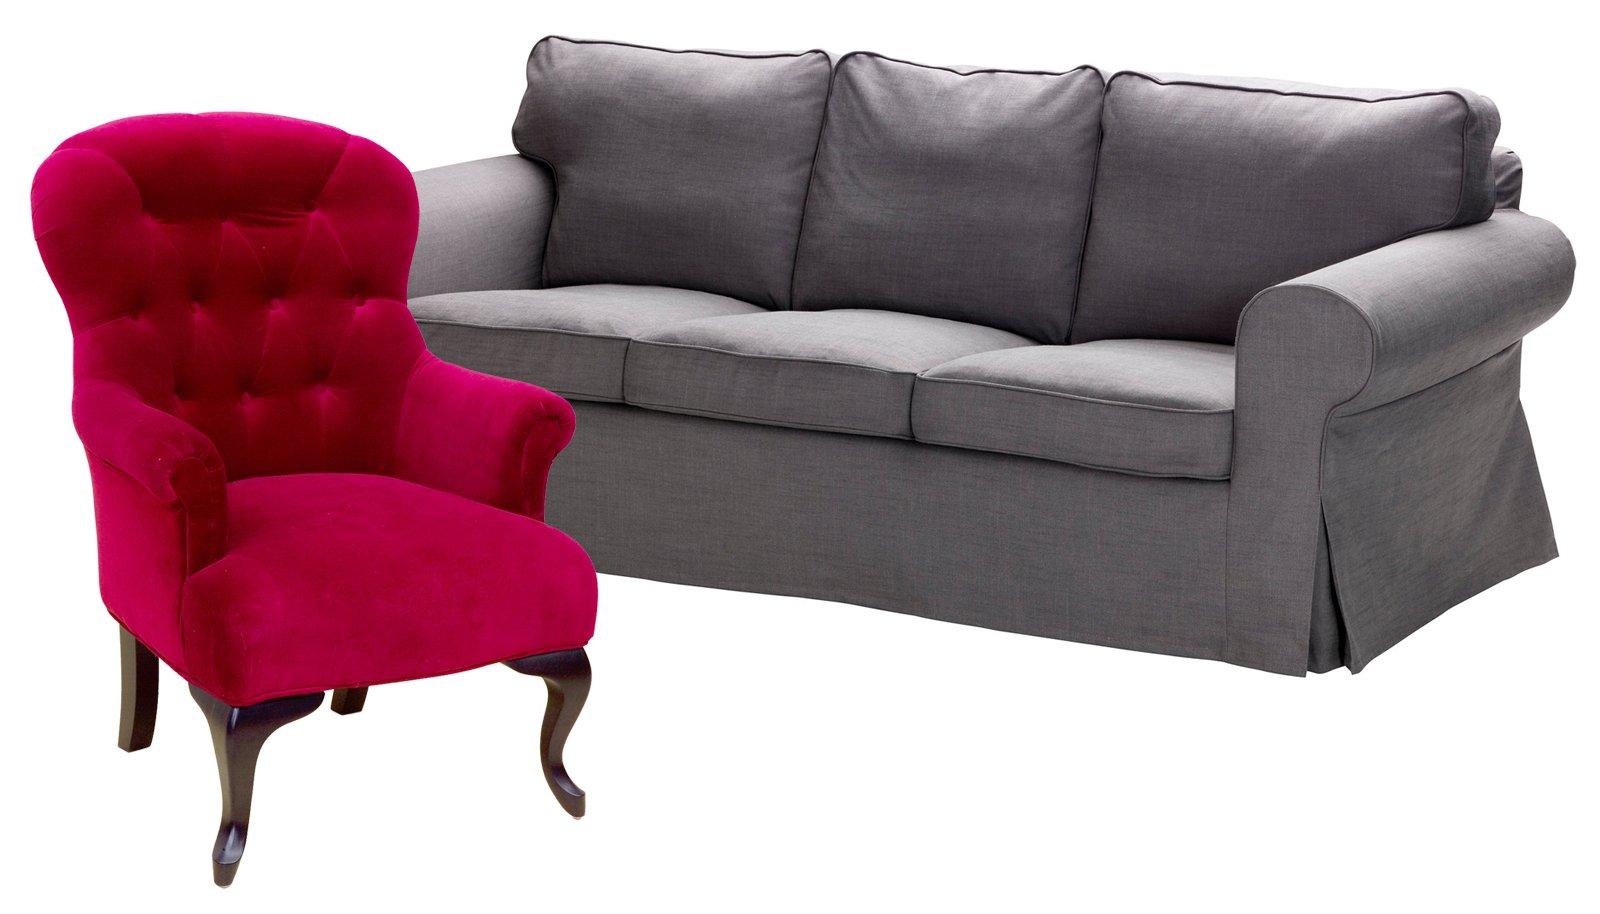 Poltrona e divano idee per abbinarli cose di casa - Cambiare rivestimento divano poltrone e sofa ...